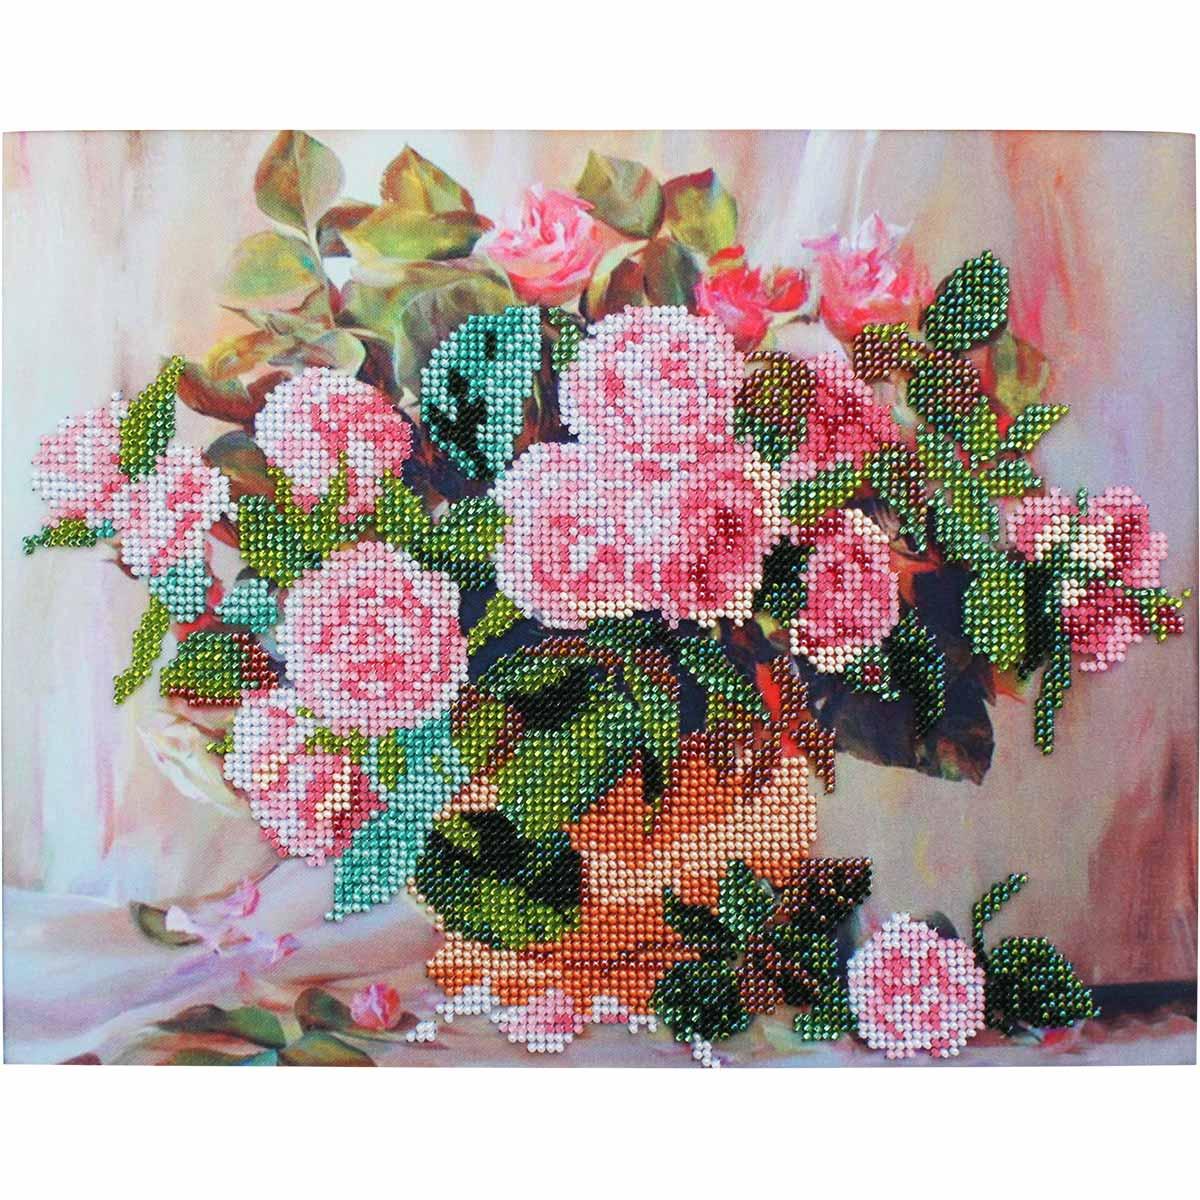 БН-3129 Набор для вышивания бисером Hobby&Pro 'Розы в вазе', 30*24 см